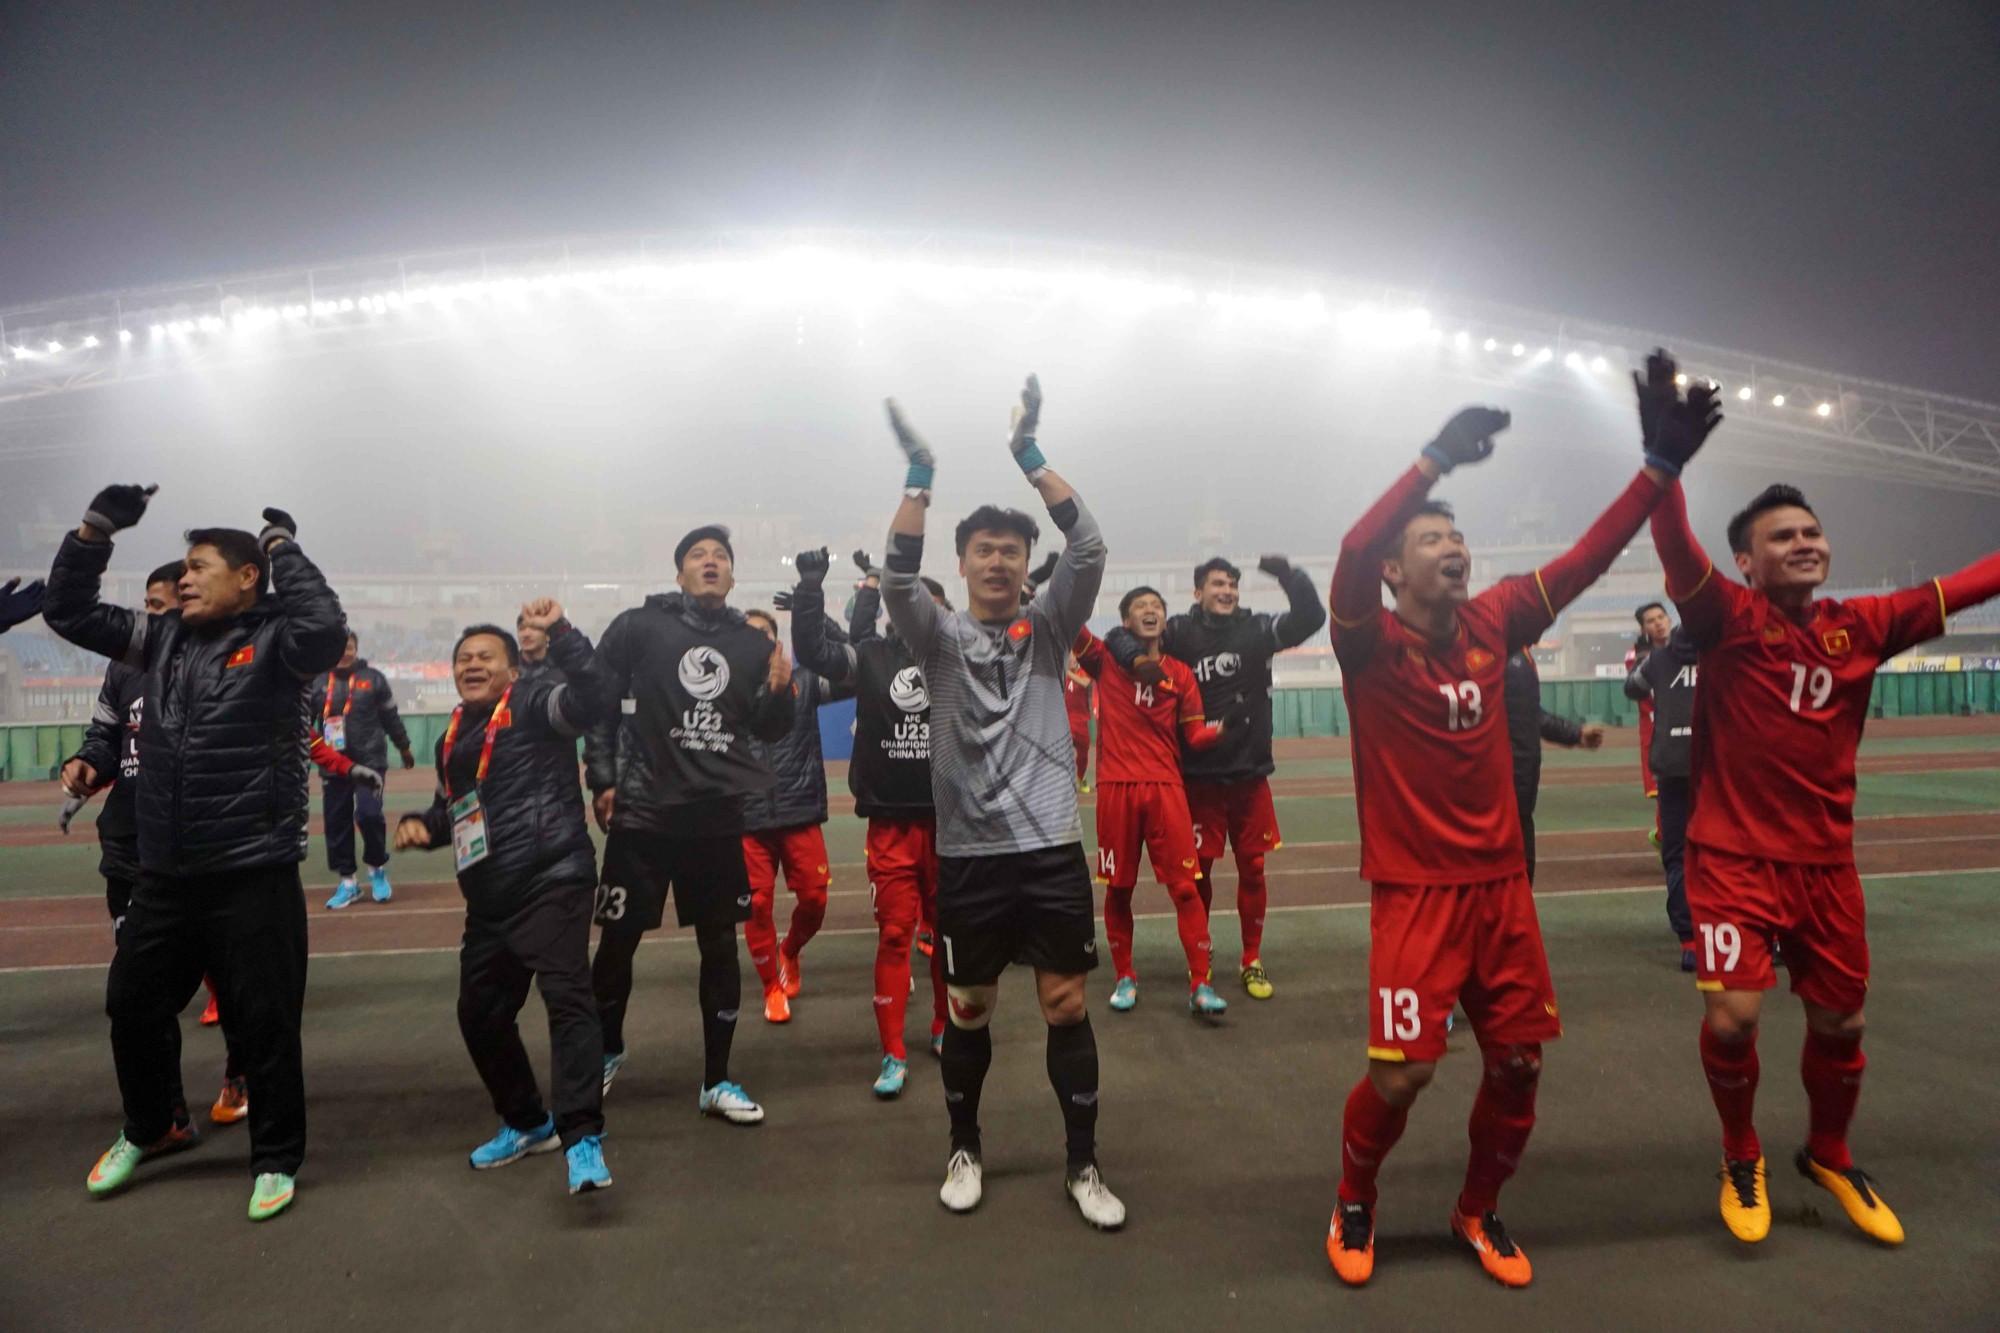 Hình ảnh: U23 Việt Nam cần giữ được sự tỉnh táo sau thành công tại VCK U23 Châu Á 2018.